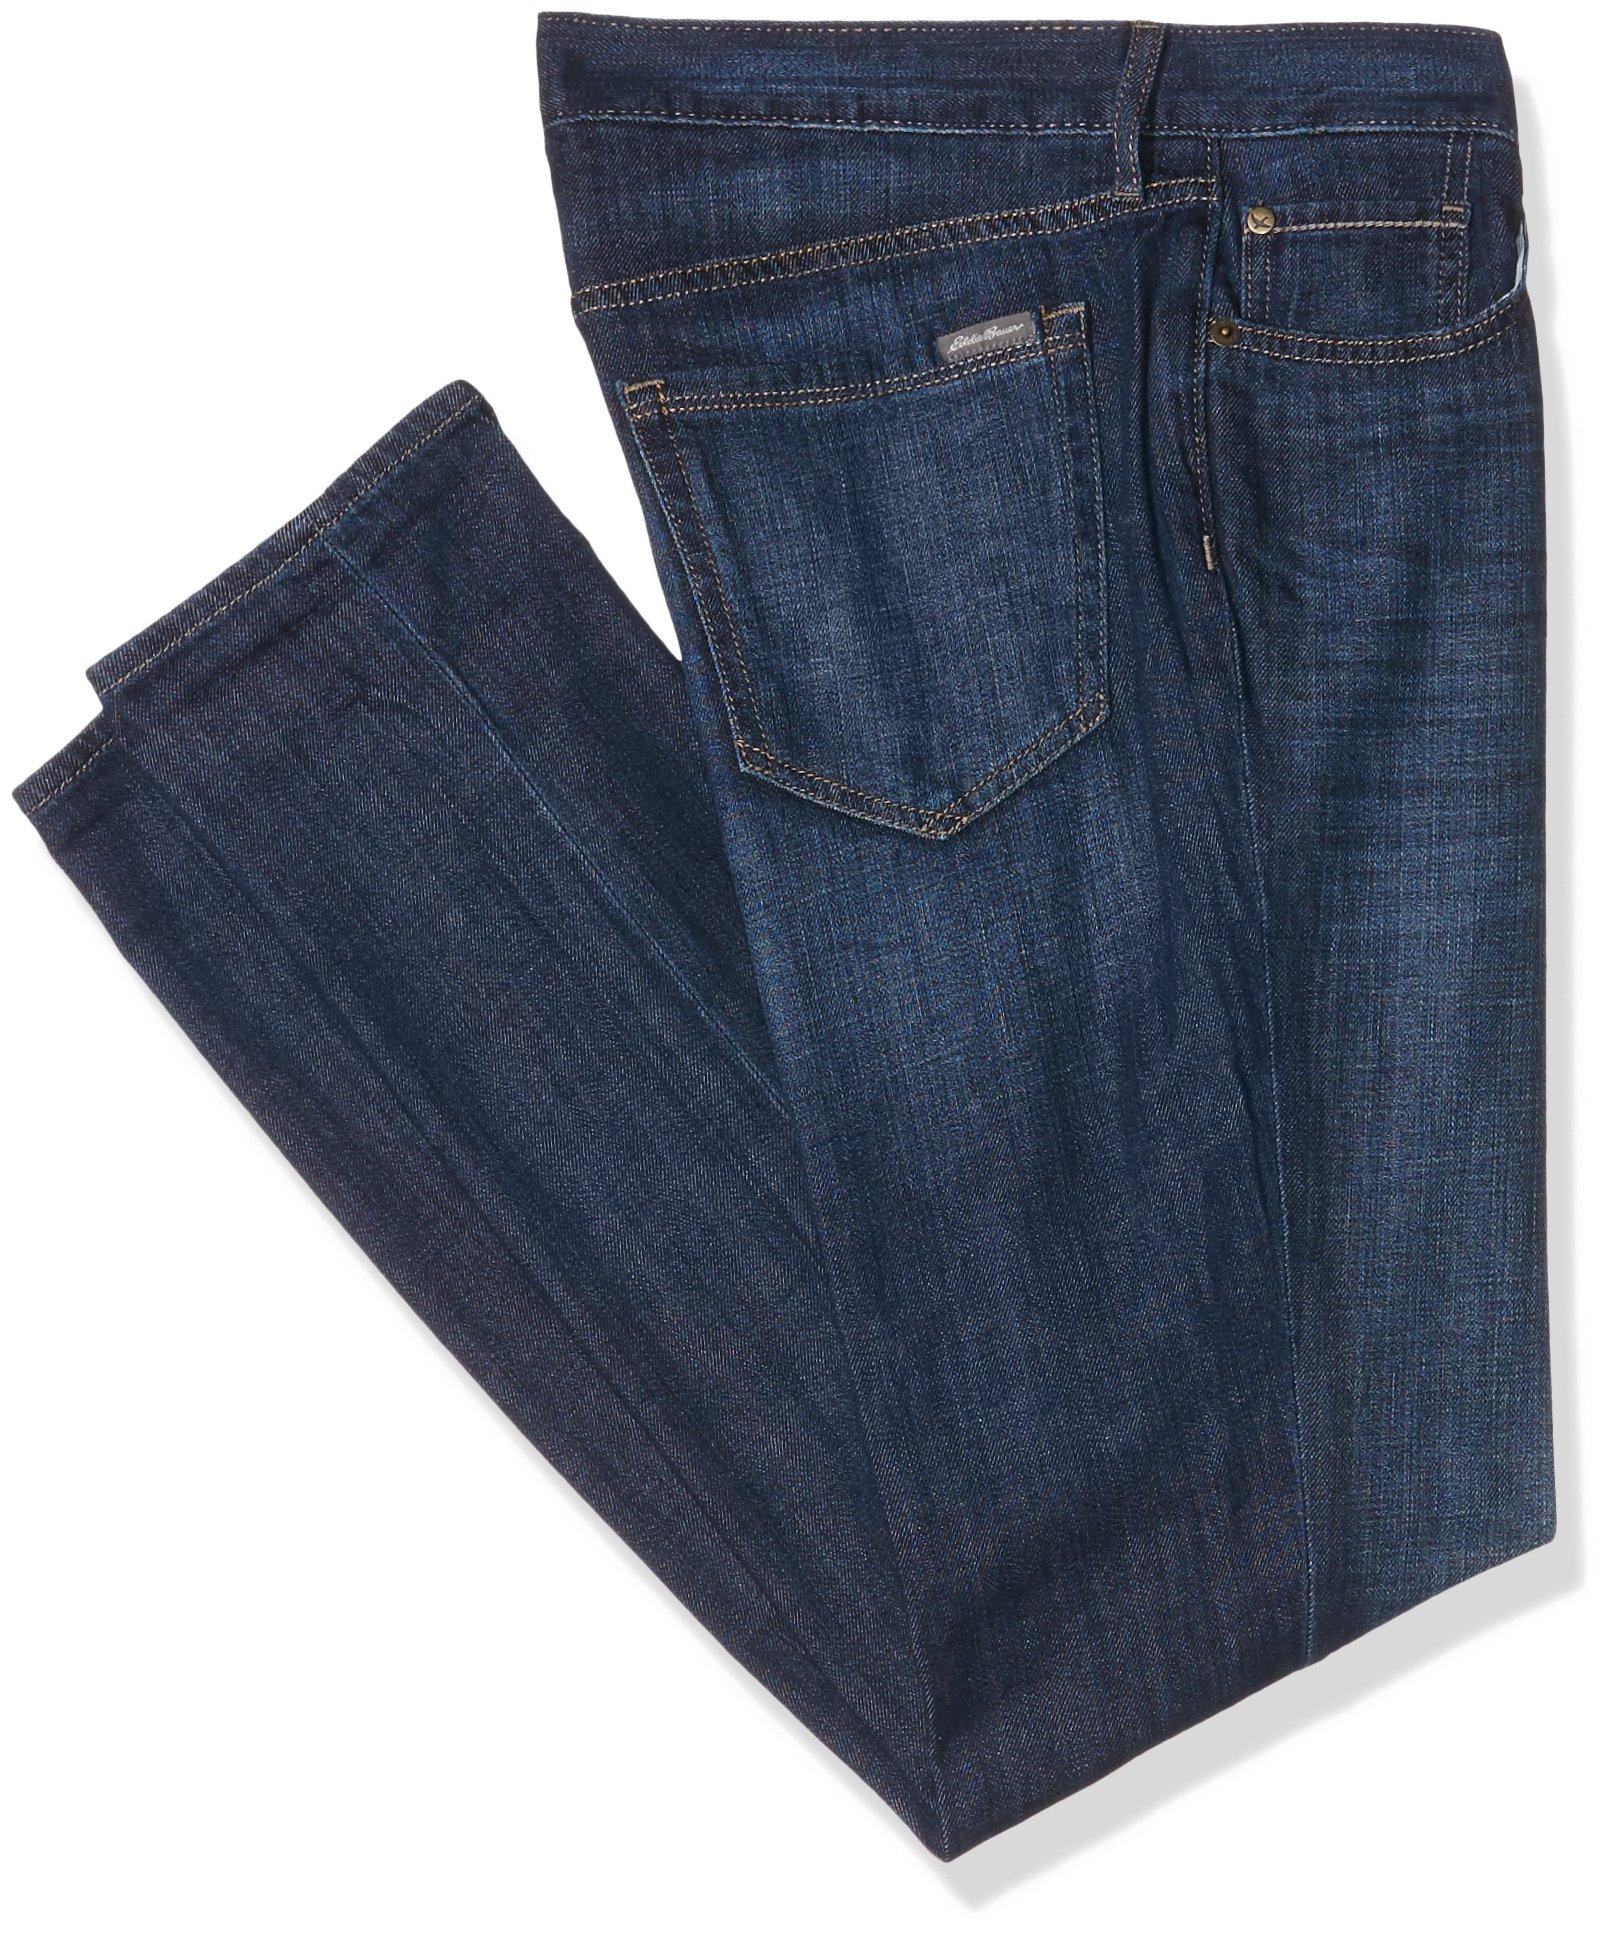 Bauer Mit 07435 baumwolljeans Boyfriend W L slim Eddie Jeans StretchanteilFemmeBleuheritage 31 Wash Leg 29EbWYDeHI